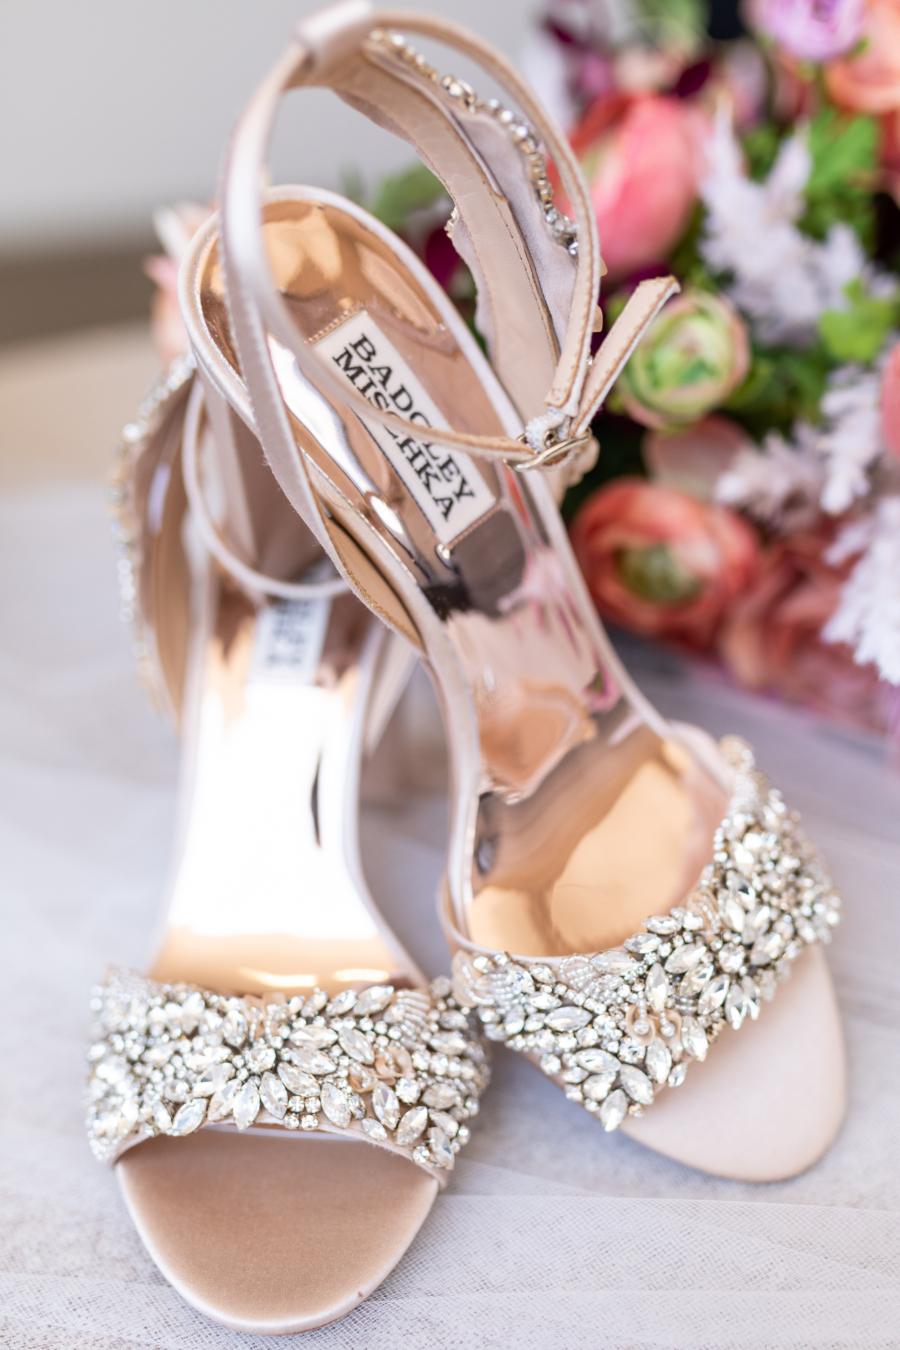 Embellished Badgley Mischka wedding shoes